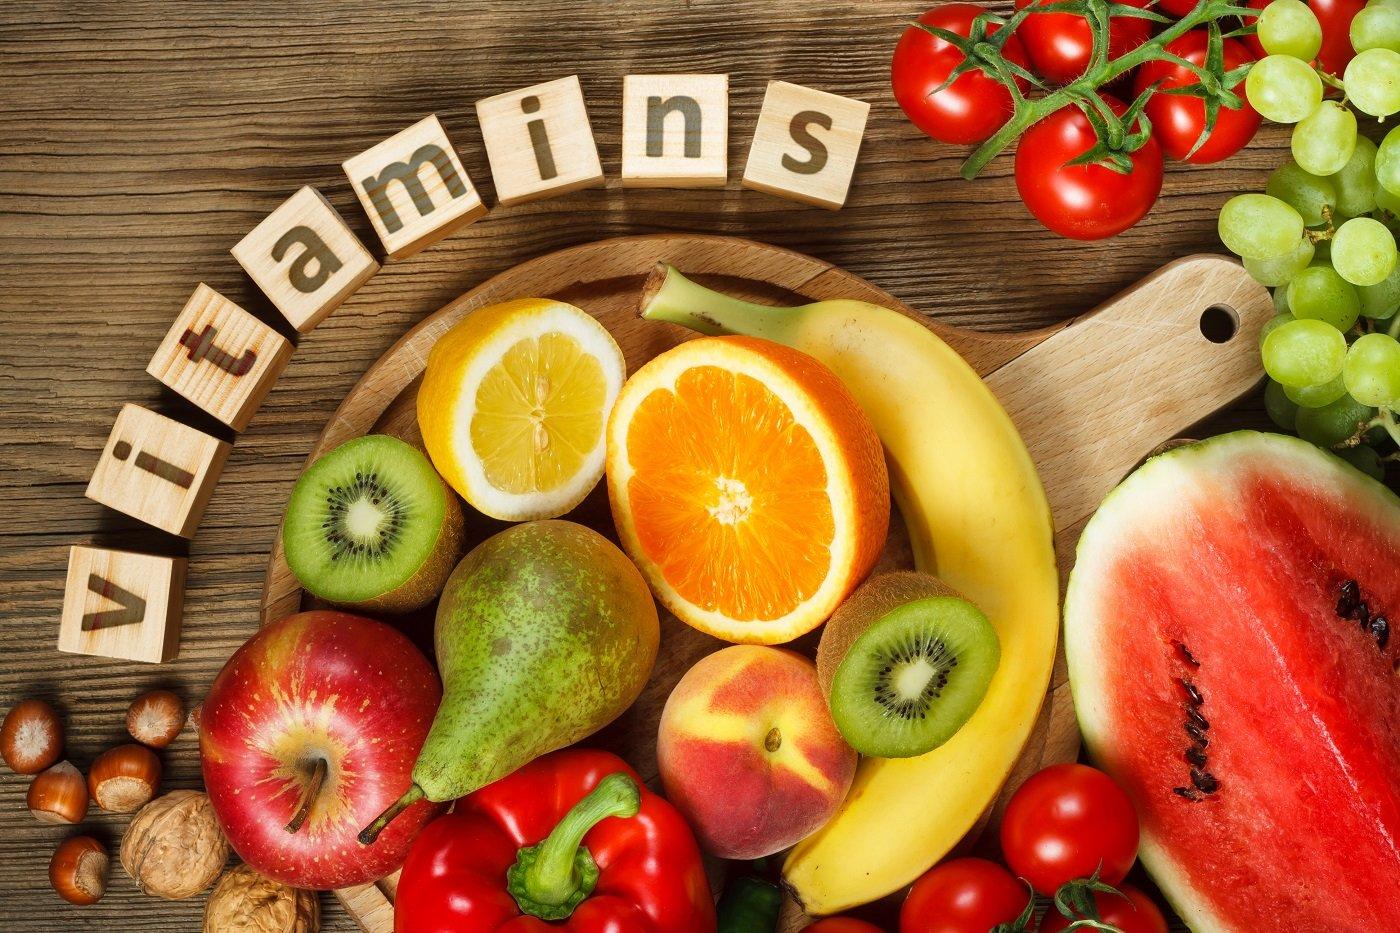 Dinh dưỡng phòng bệnh mùa hè - Bổ sung vitamin đầy đủ